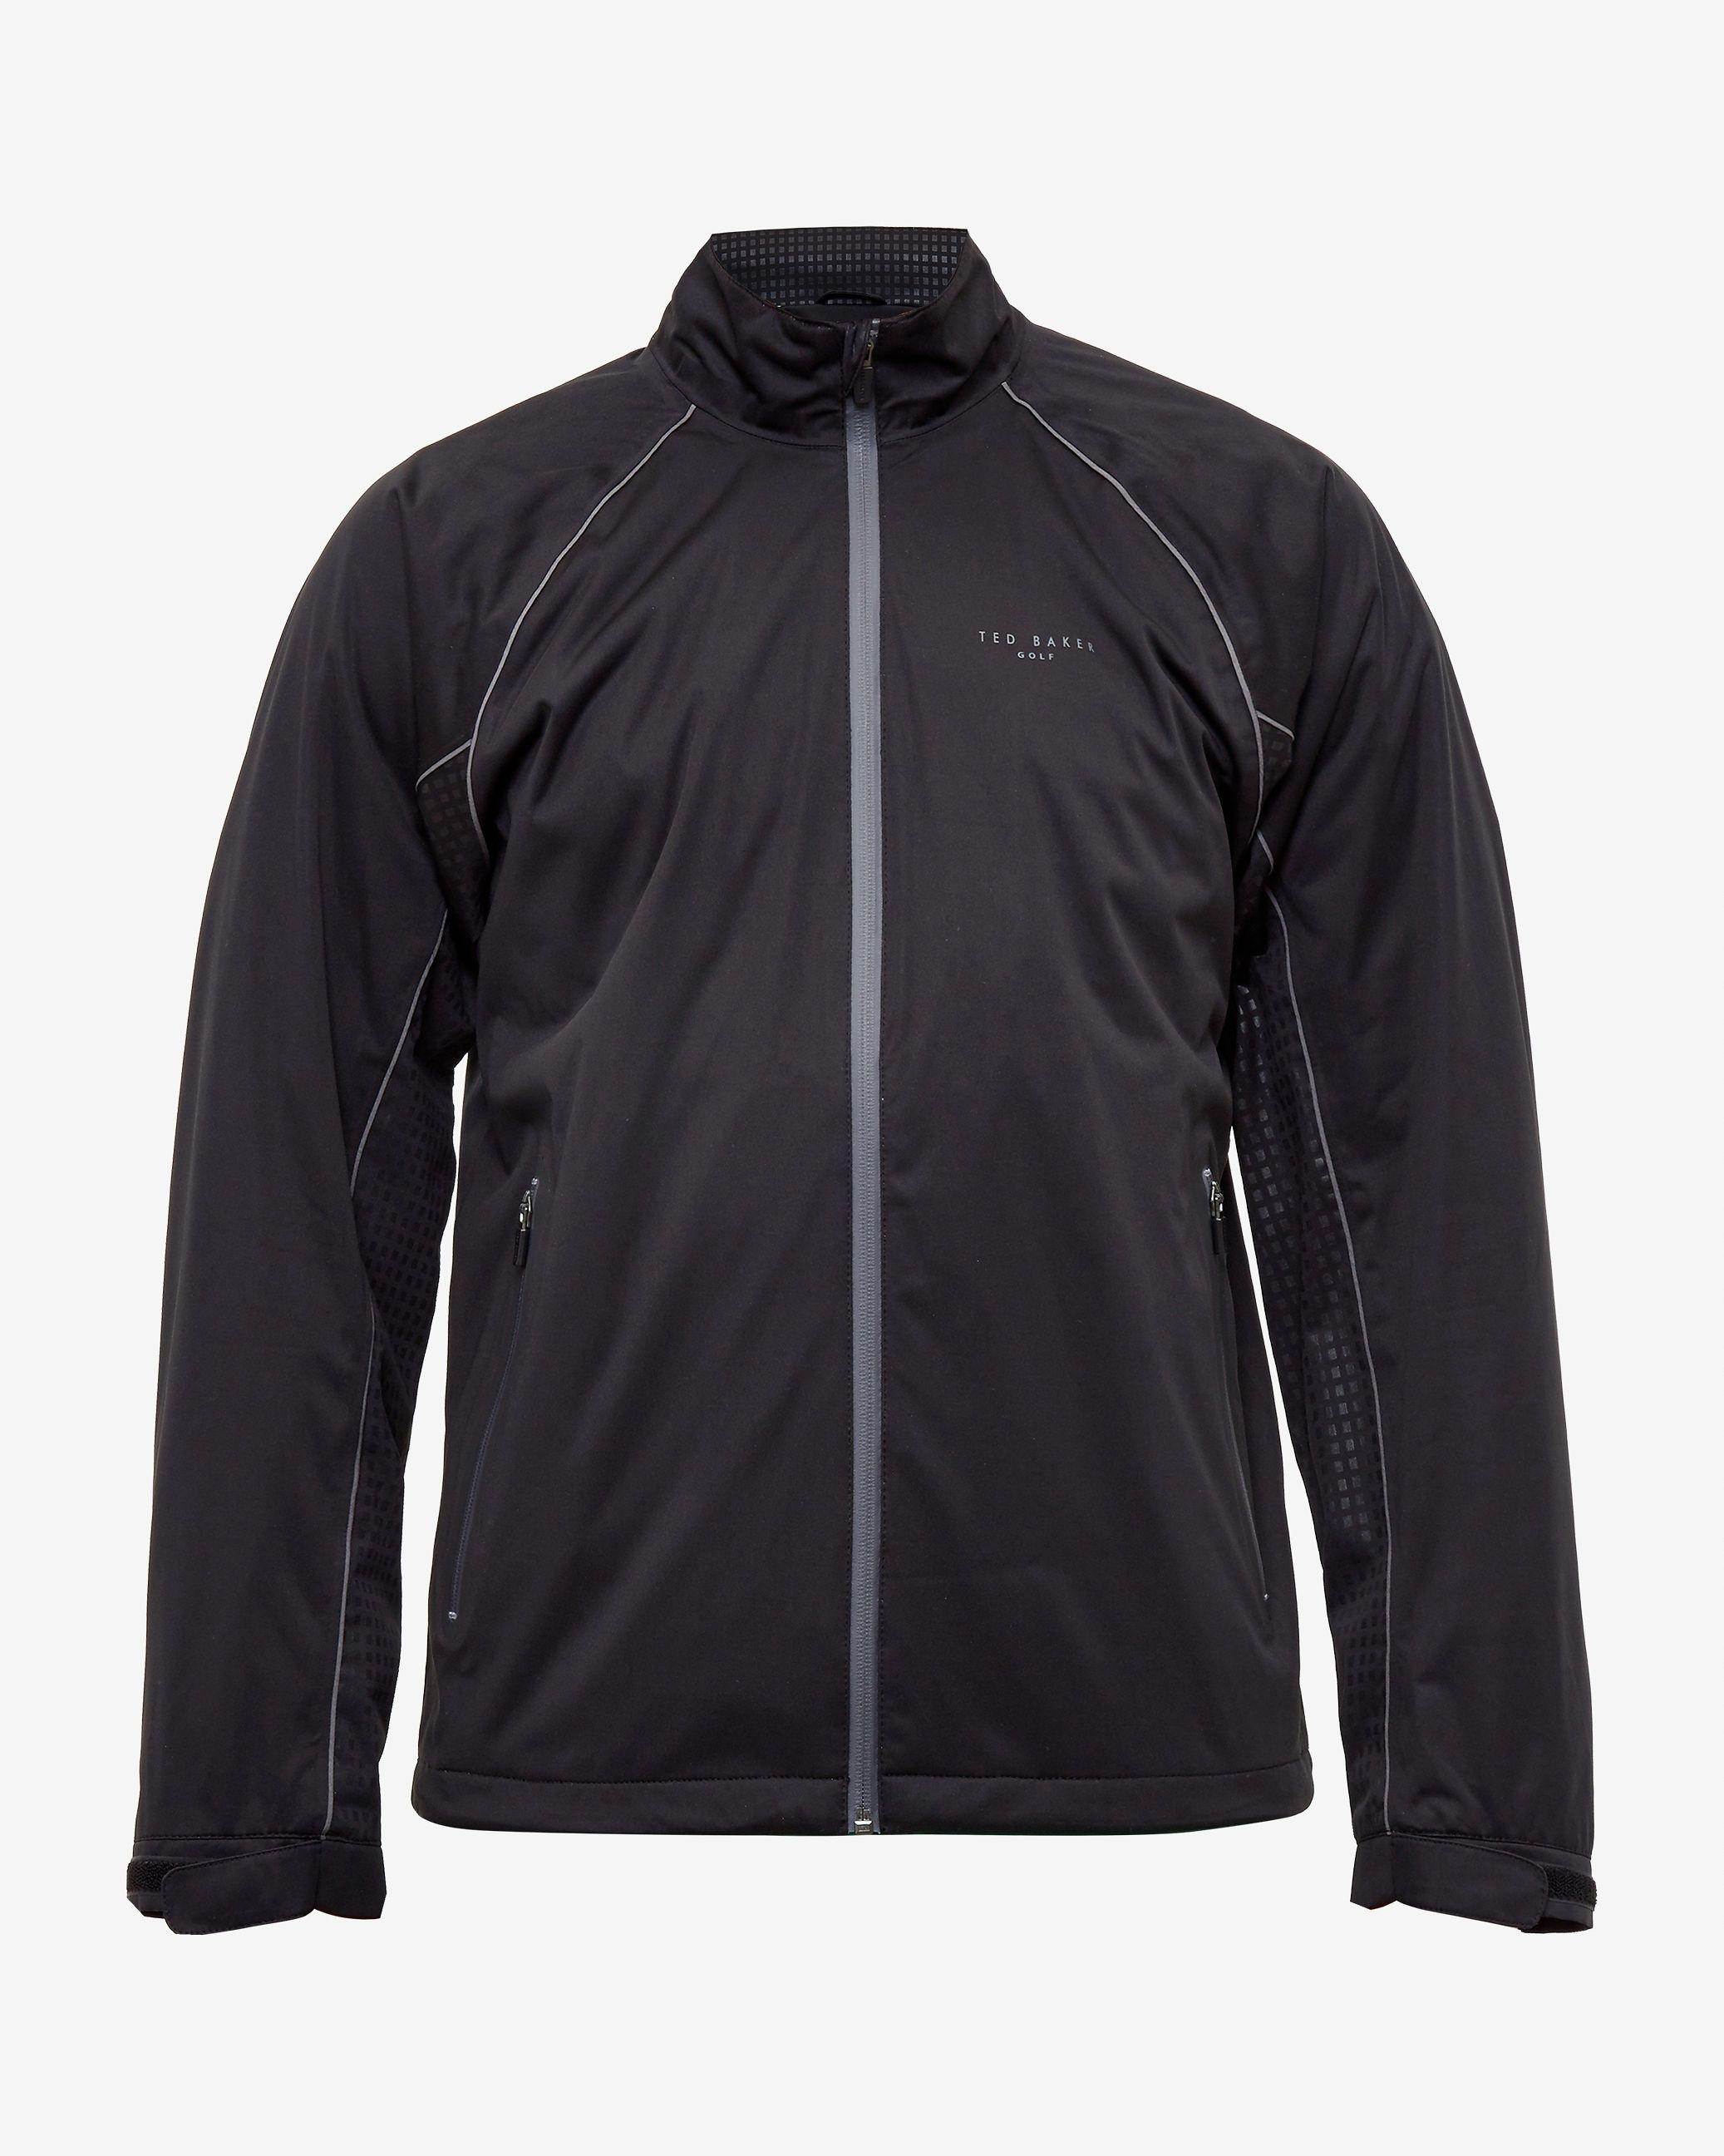 Ted Baker Swanson Waterproof Jacket, Black